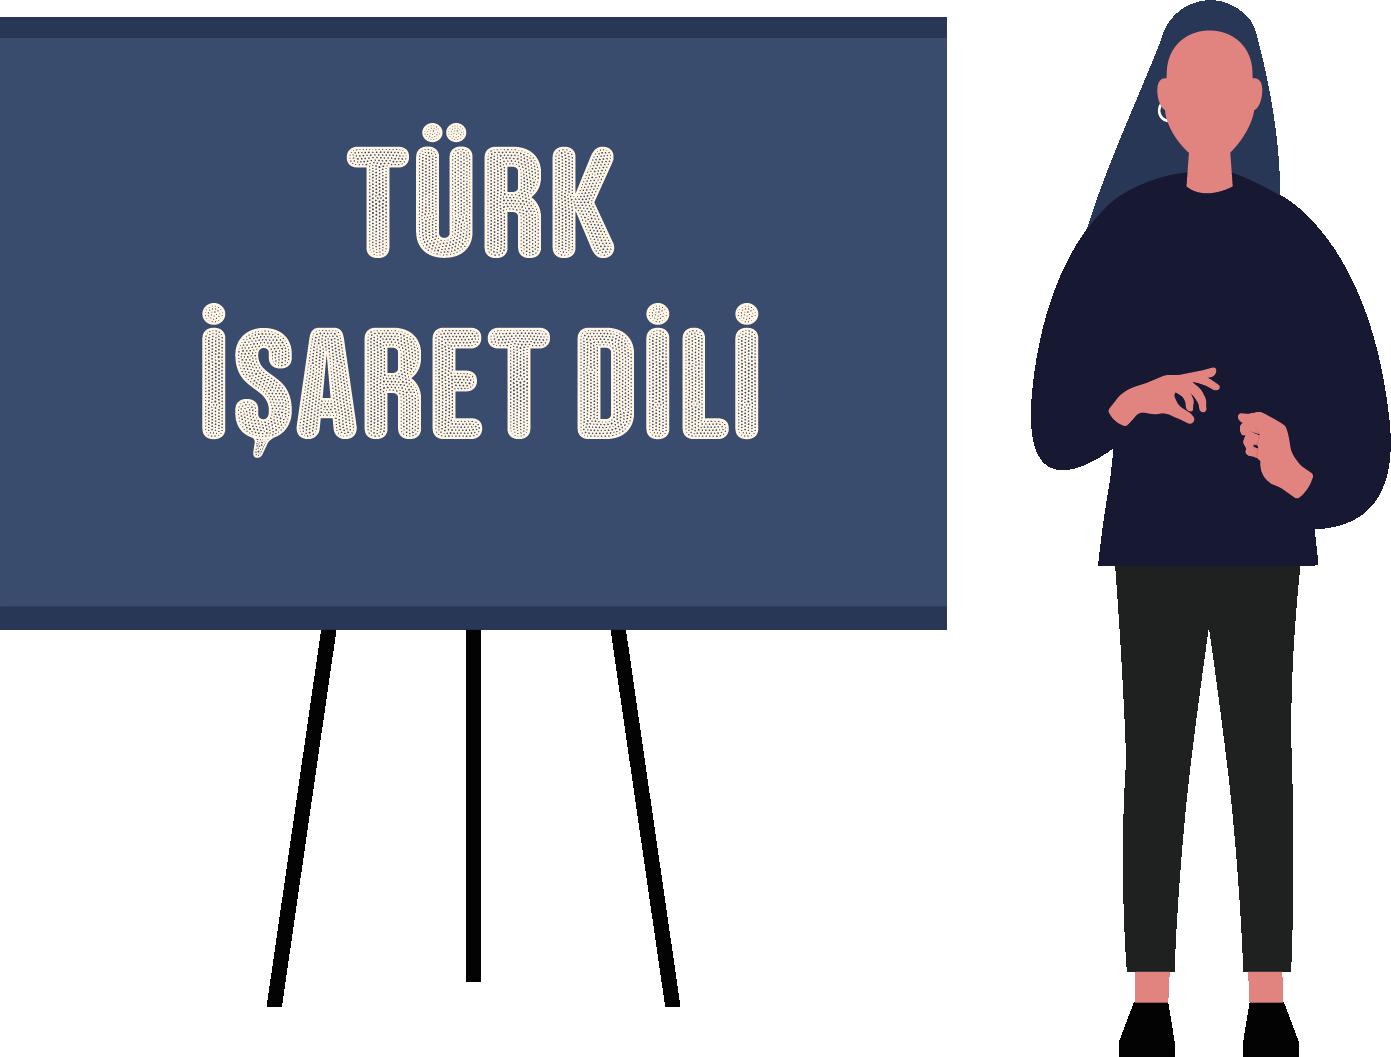 """Solda mavi bir yazı tahtası. Üstünde beyaz harflerle """"Türk İşaret Dili"""" yazıyor. Sağında Türk İşaret Dili ile konuşan bir kadın çizimi."""